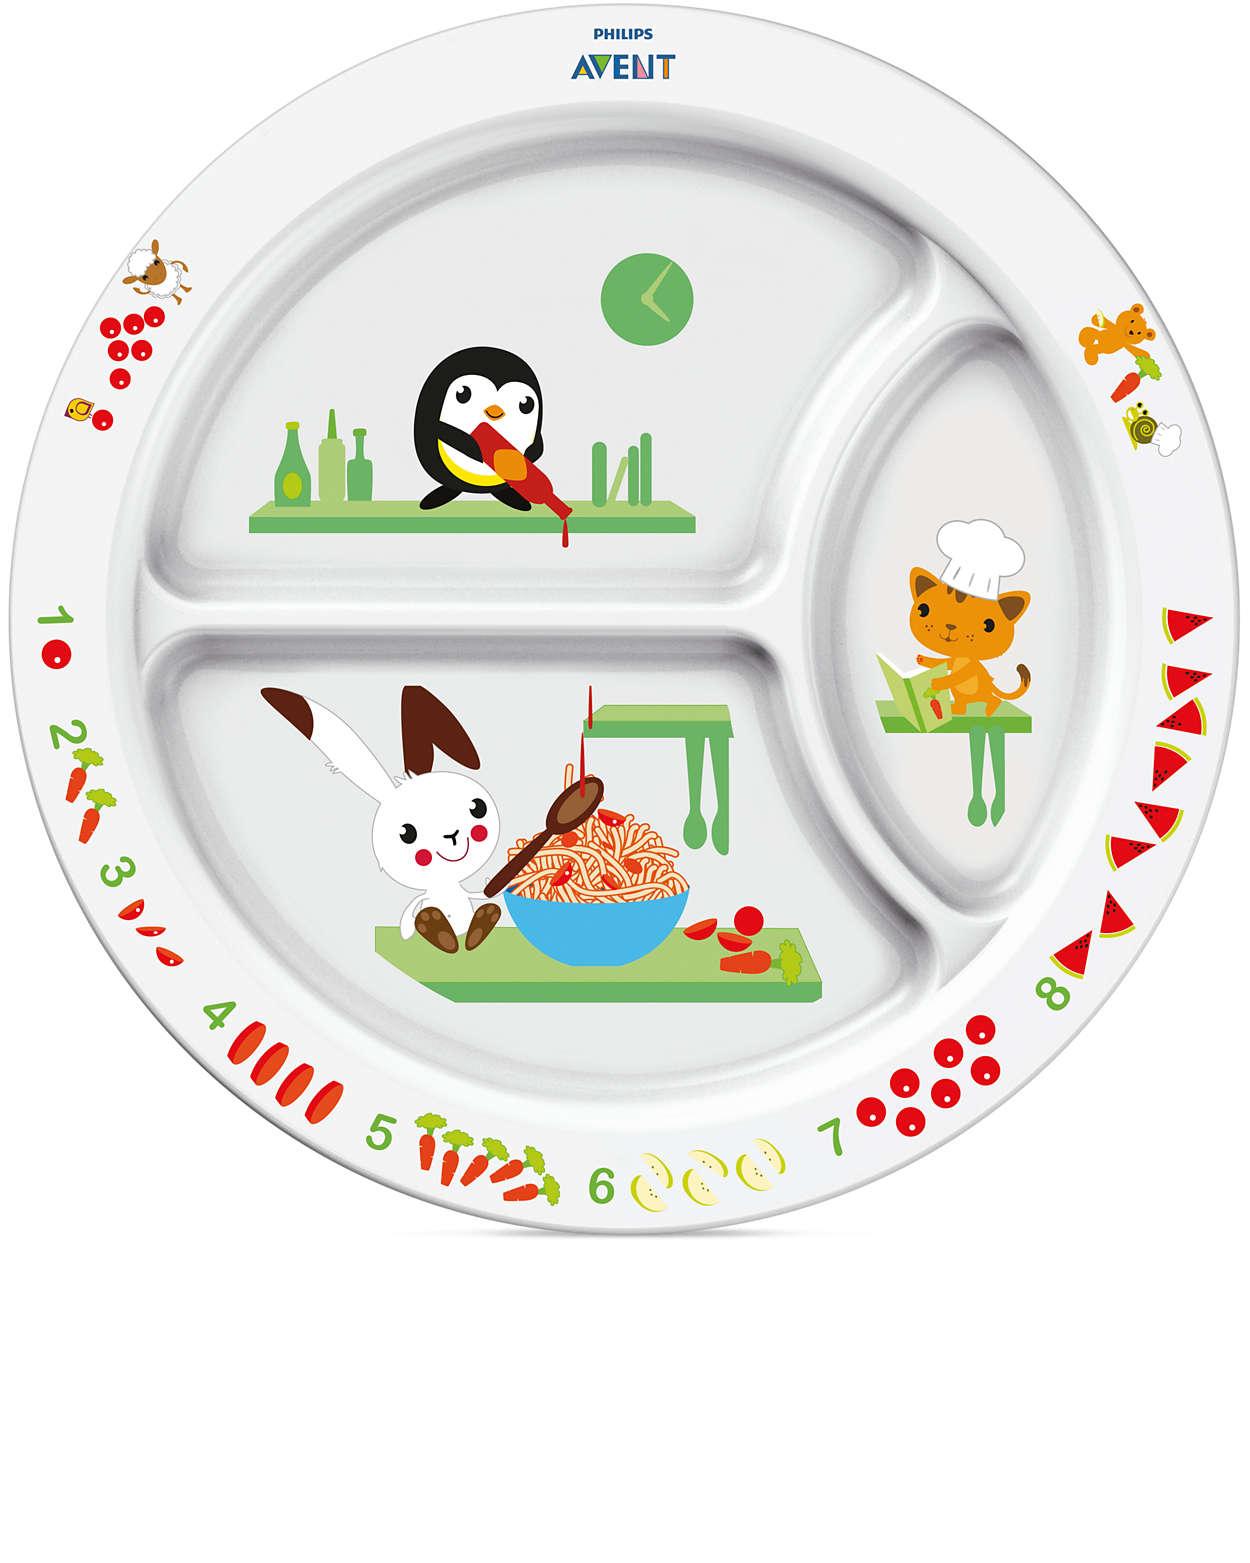 Fomenta la alimentación mediante un aprendizaje divertido